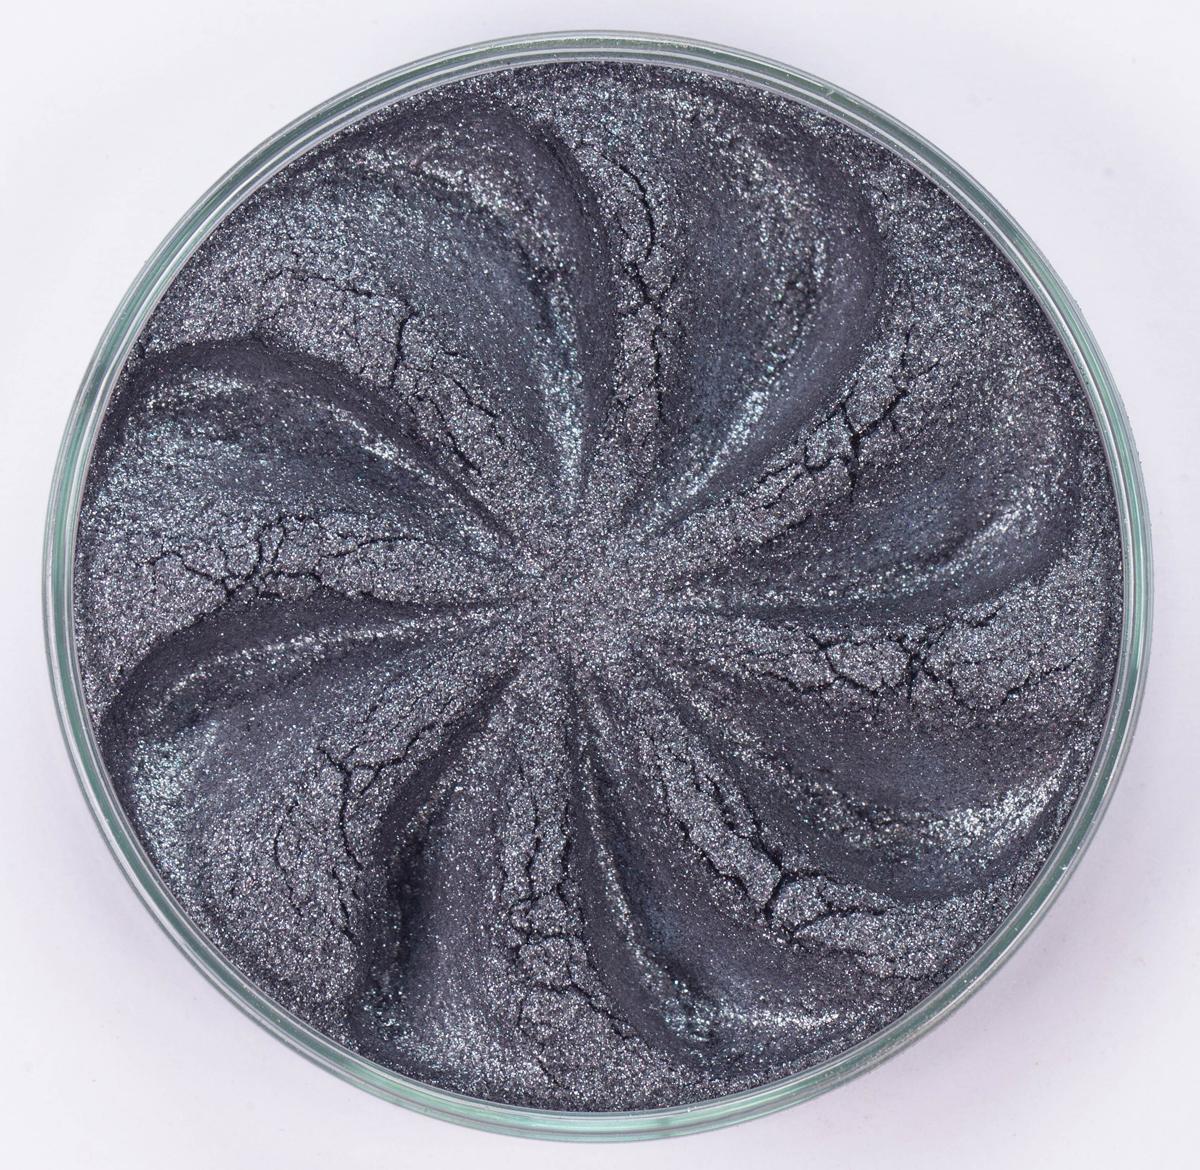 Era Minerals Минеральные Тени для век Luster тон L04 (серый с блесткам), 4 млEYL04Тени для век обеспечивают комплексное покрытие, своим сиянием напоминающее как глубину, так и лучезарный блеск драгоценного камня. Текстура теней содержит в себе цвет-основу с содержанием крошечных мерцающих частиц, превосходно сочетающихся с основным цветом. Сильные и яркие минеральные пигменты Можно наносить как влажным, так и сухим способом Без отдушек и содержания масел, для всех типов кожи Дерматологически протестировано, не аллергенно Не тестировано на животных Вес нетто 1г (стандартный размер)